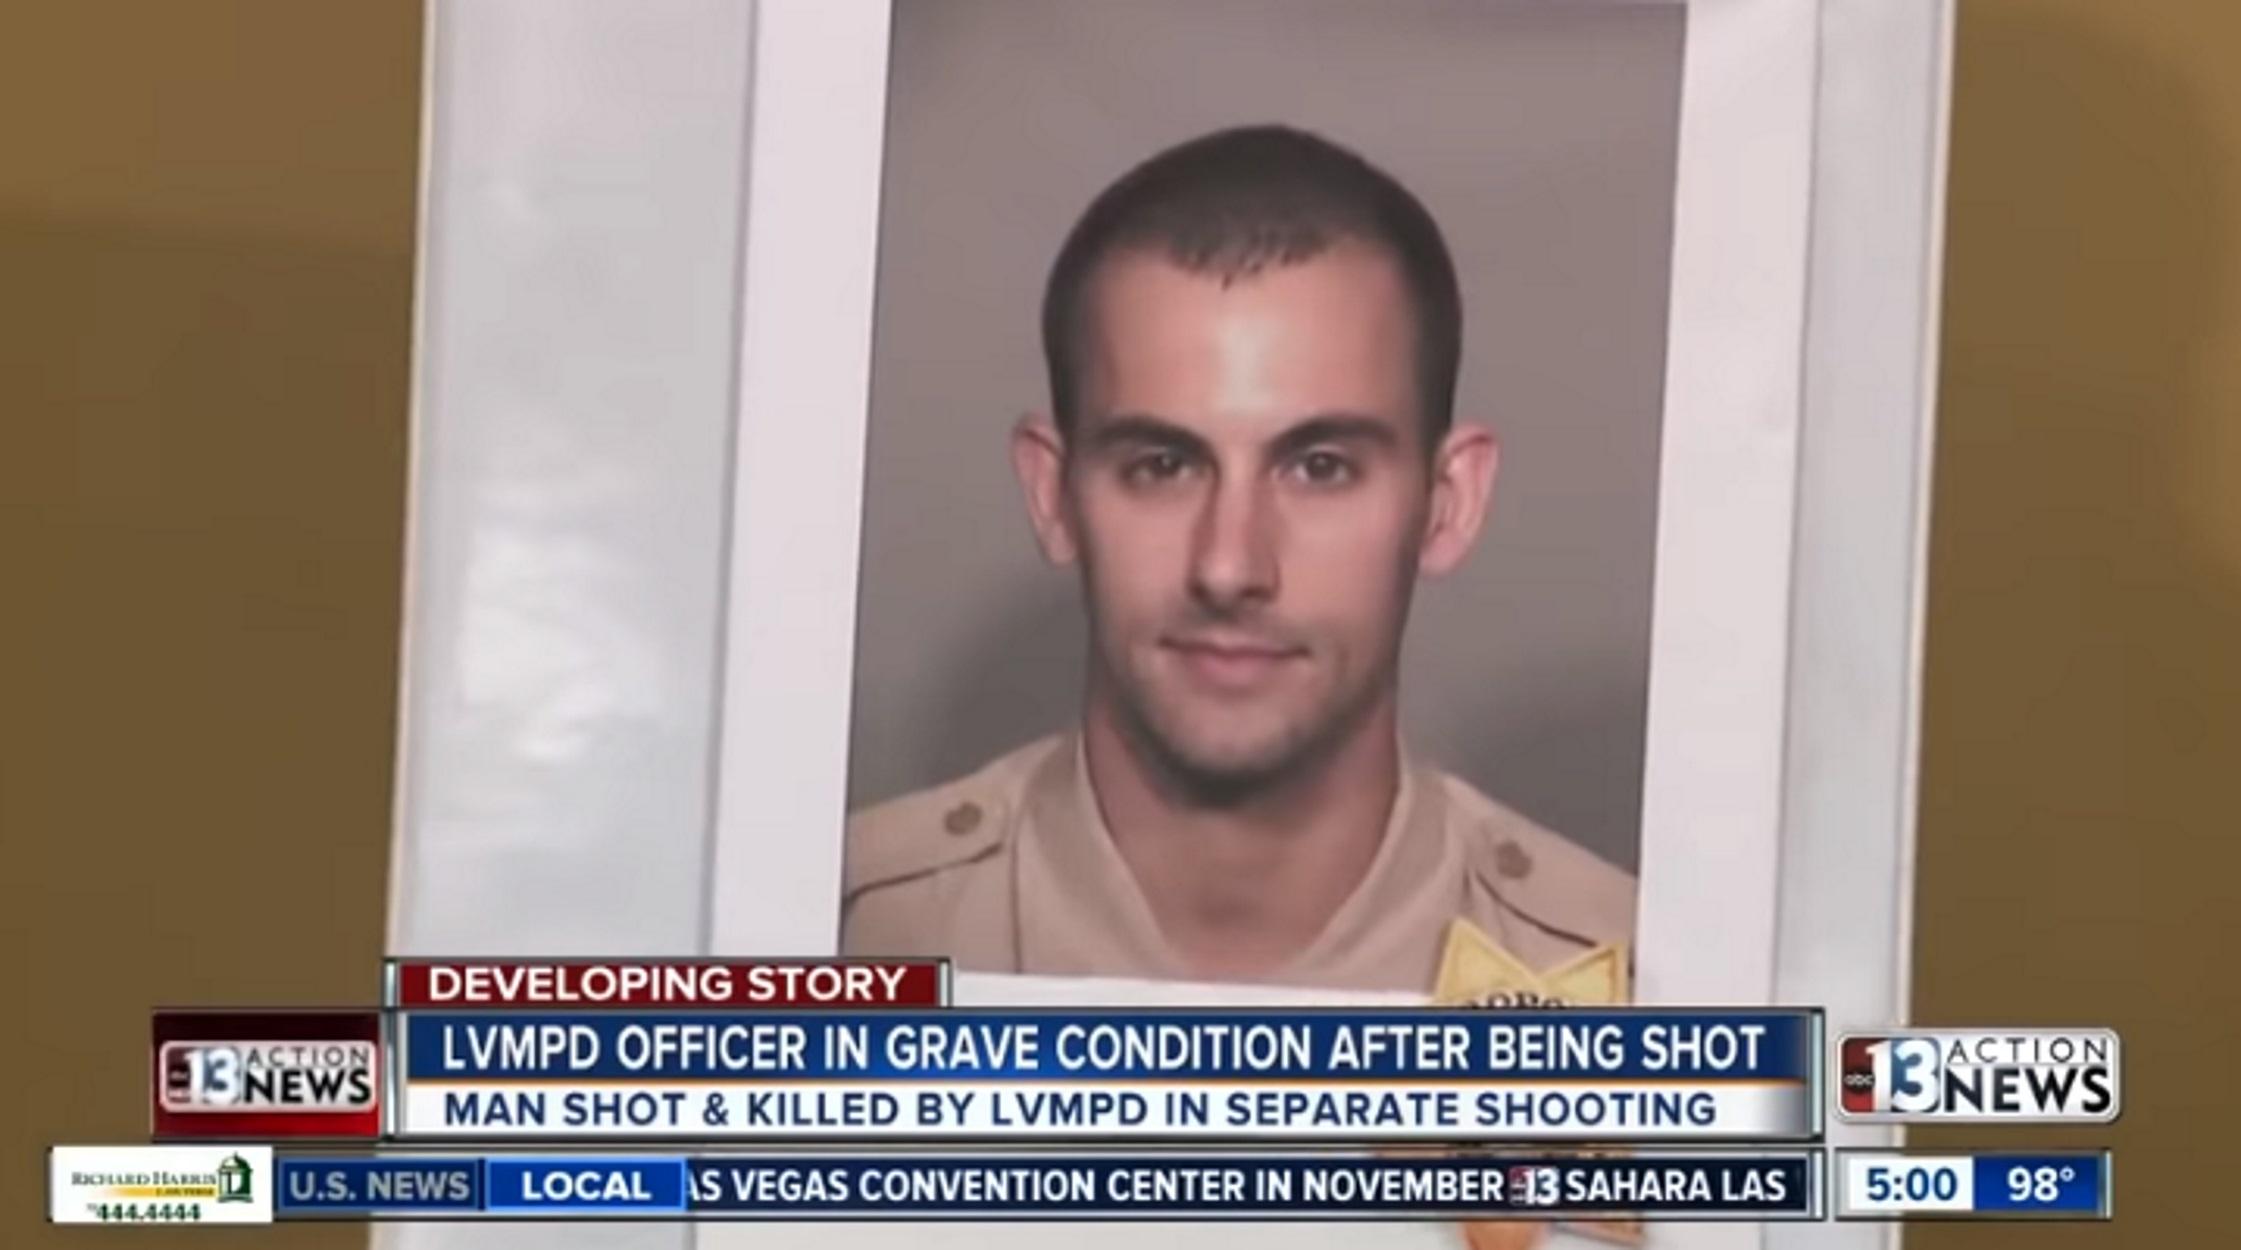 Χαροπαλεύει αστυνομικός που πυροβολήθηκε στις διαδηλώσεις για τον Τζορτζ Φλόιντ (pics, video)